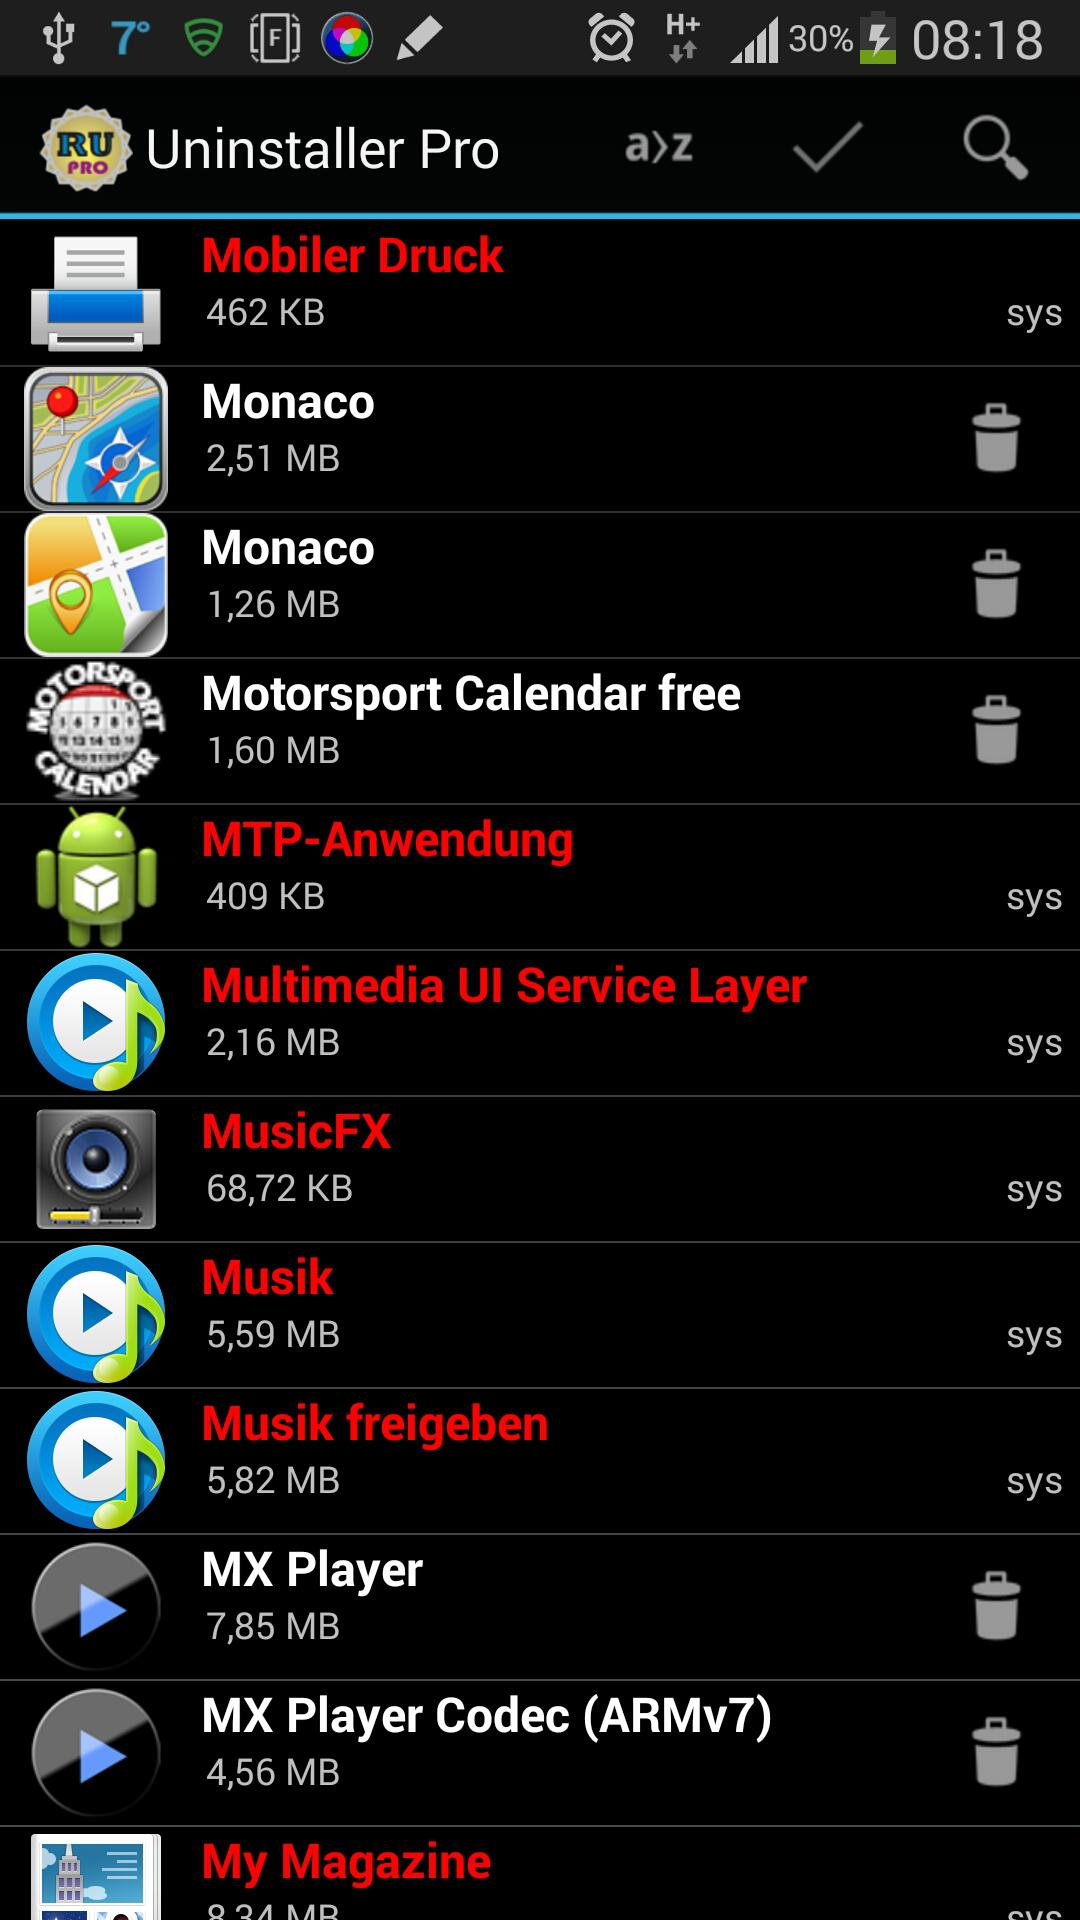 samsung app aktualisieren